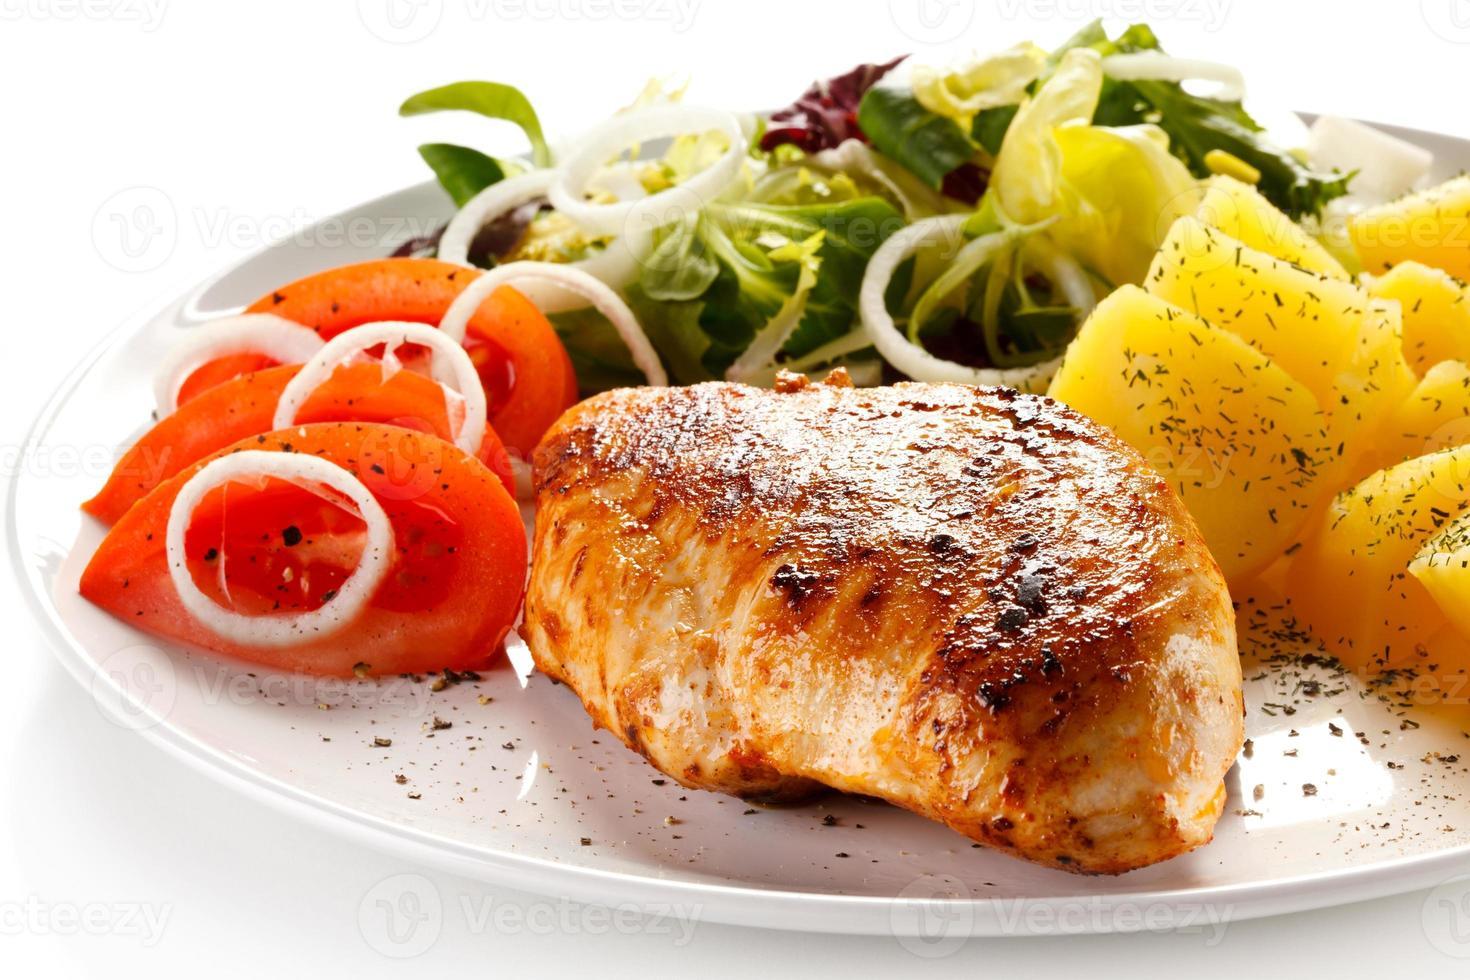 bistecca, patate e verdure bollite foto